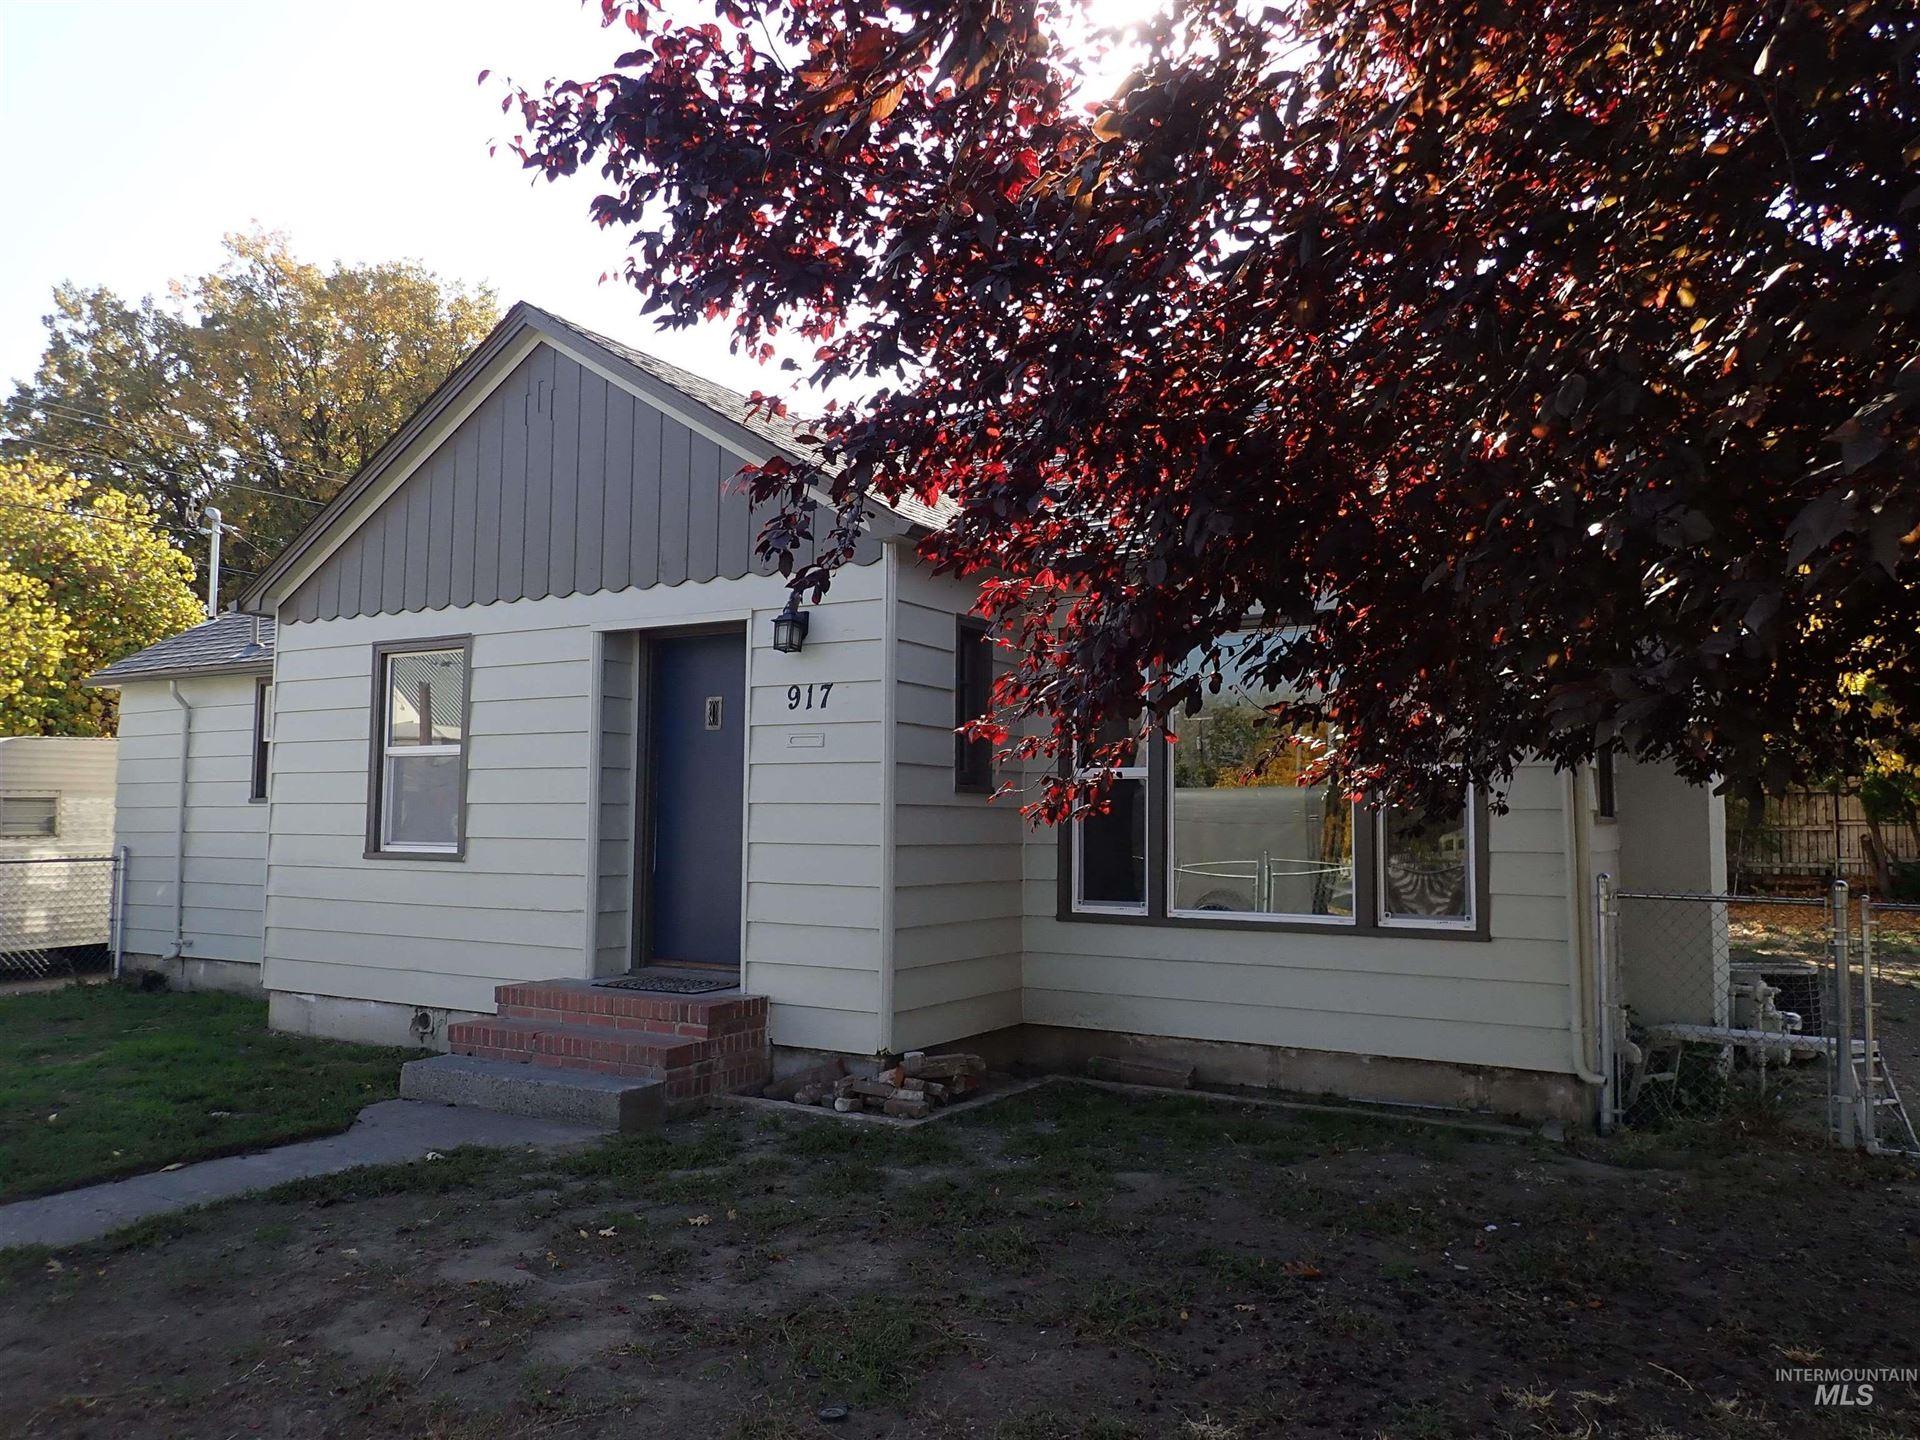 917 Sycamore St, Clarkston, WA 99403 - MLS#: 98822854